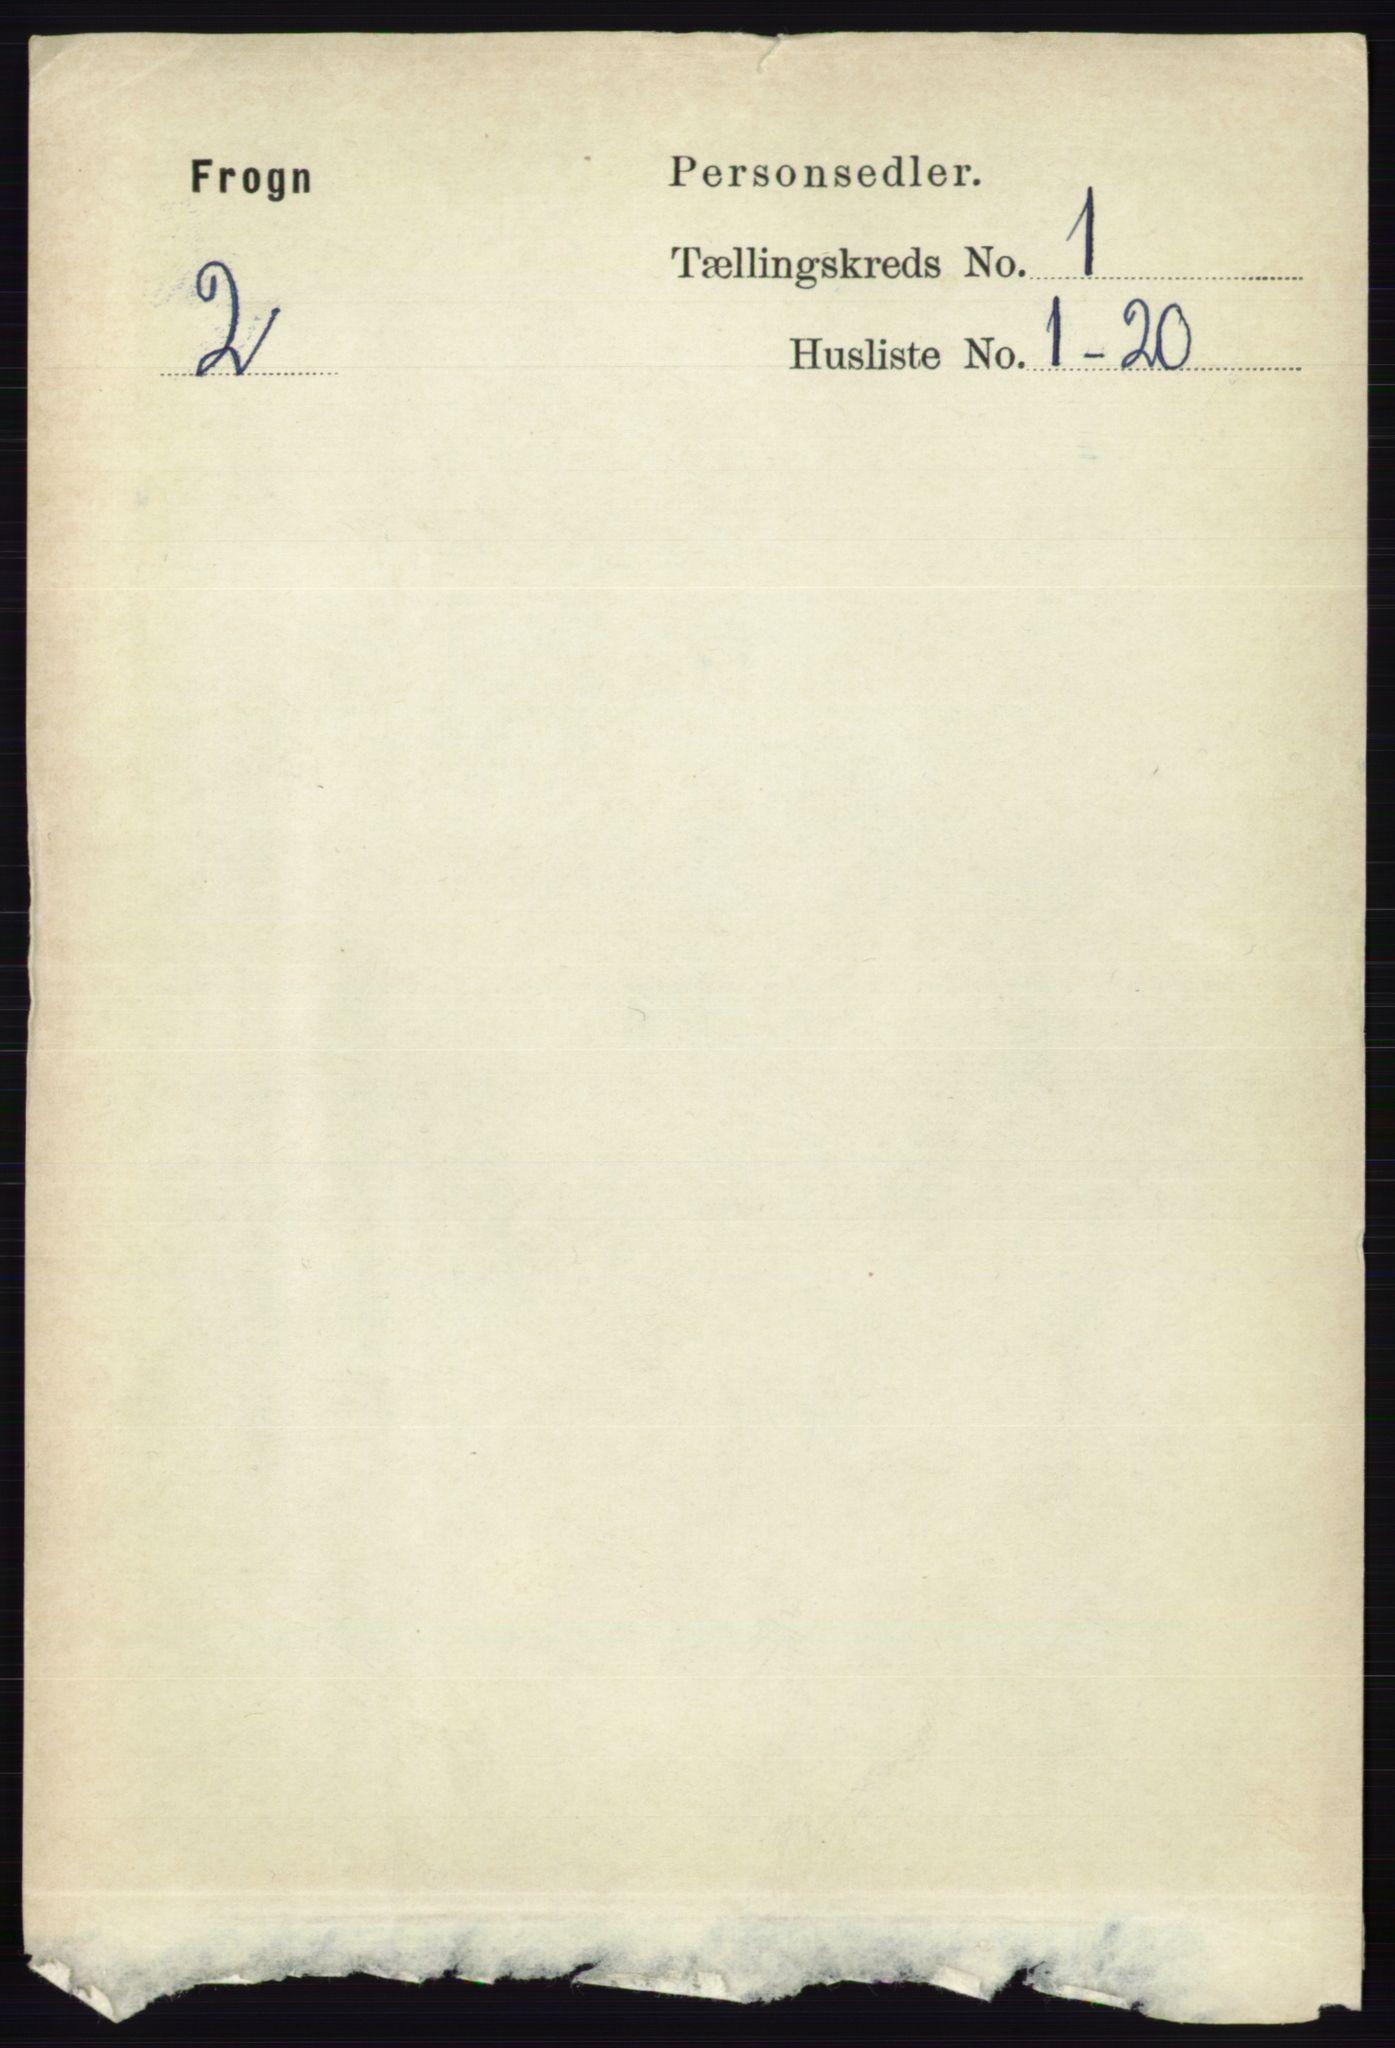 RA, Folketelling 1891 for 0215 Frogn herred, 1891, s. 133